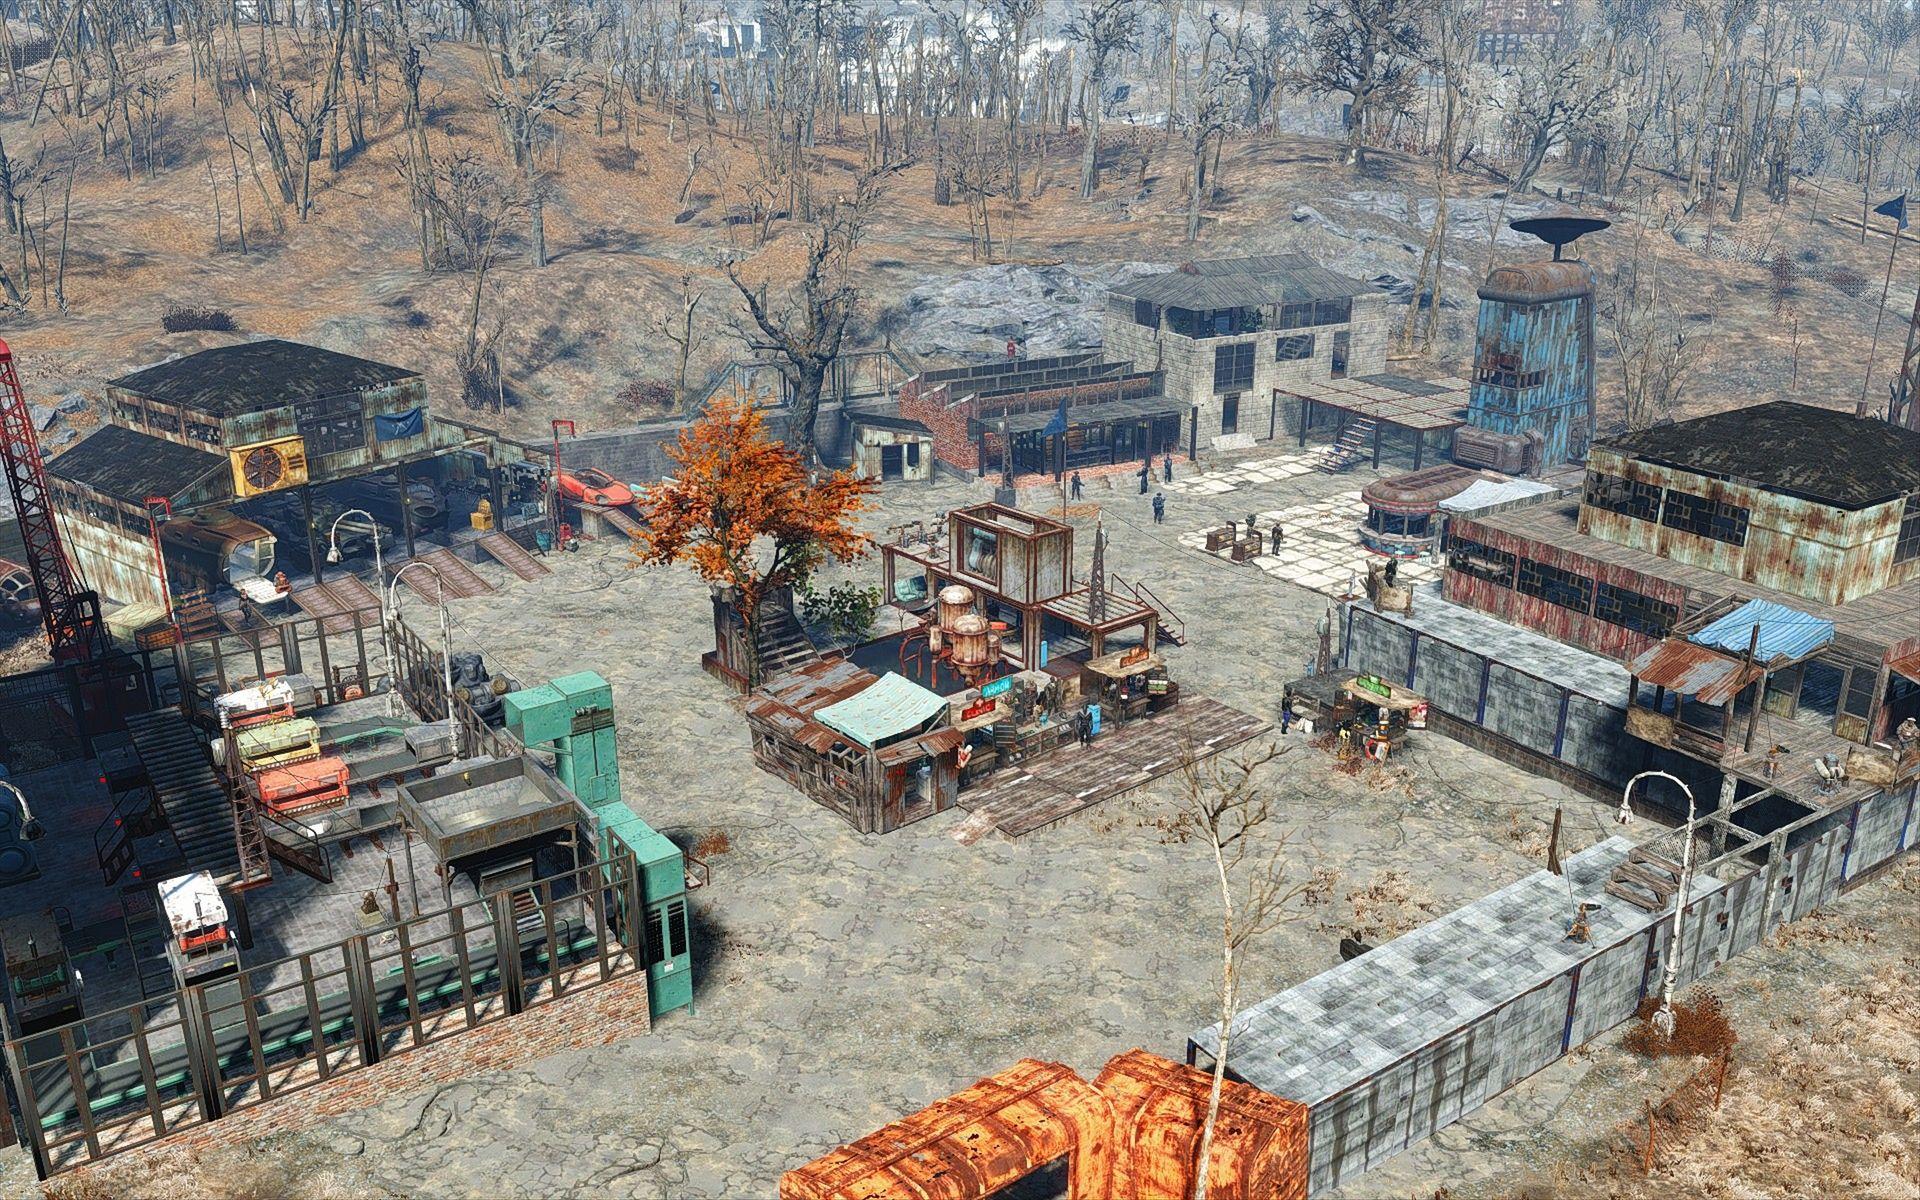 Fallout4_2018_04_02_22_03_33_307a.jpg